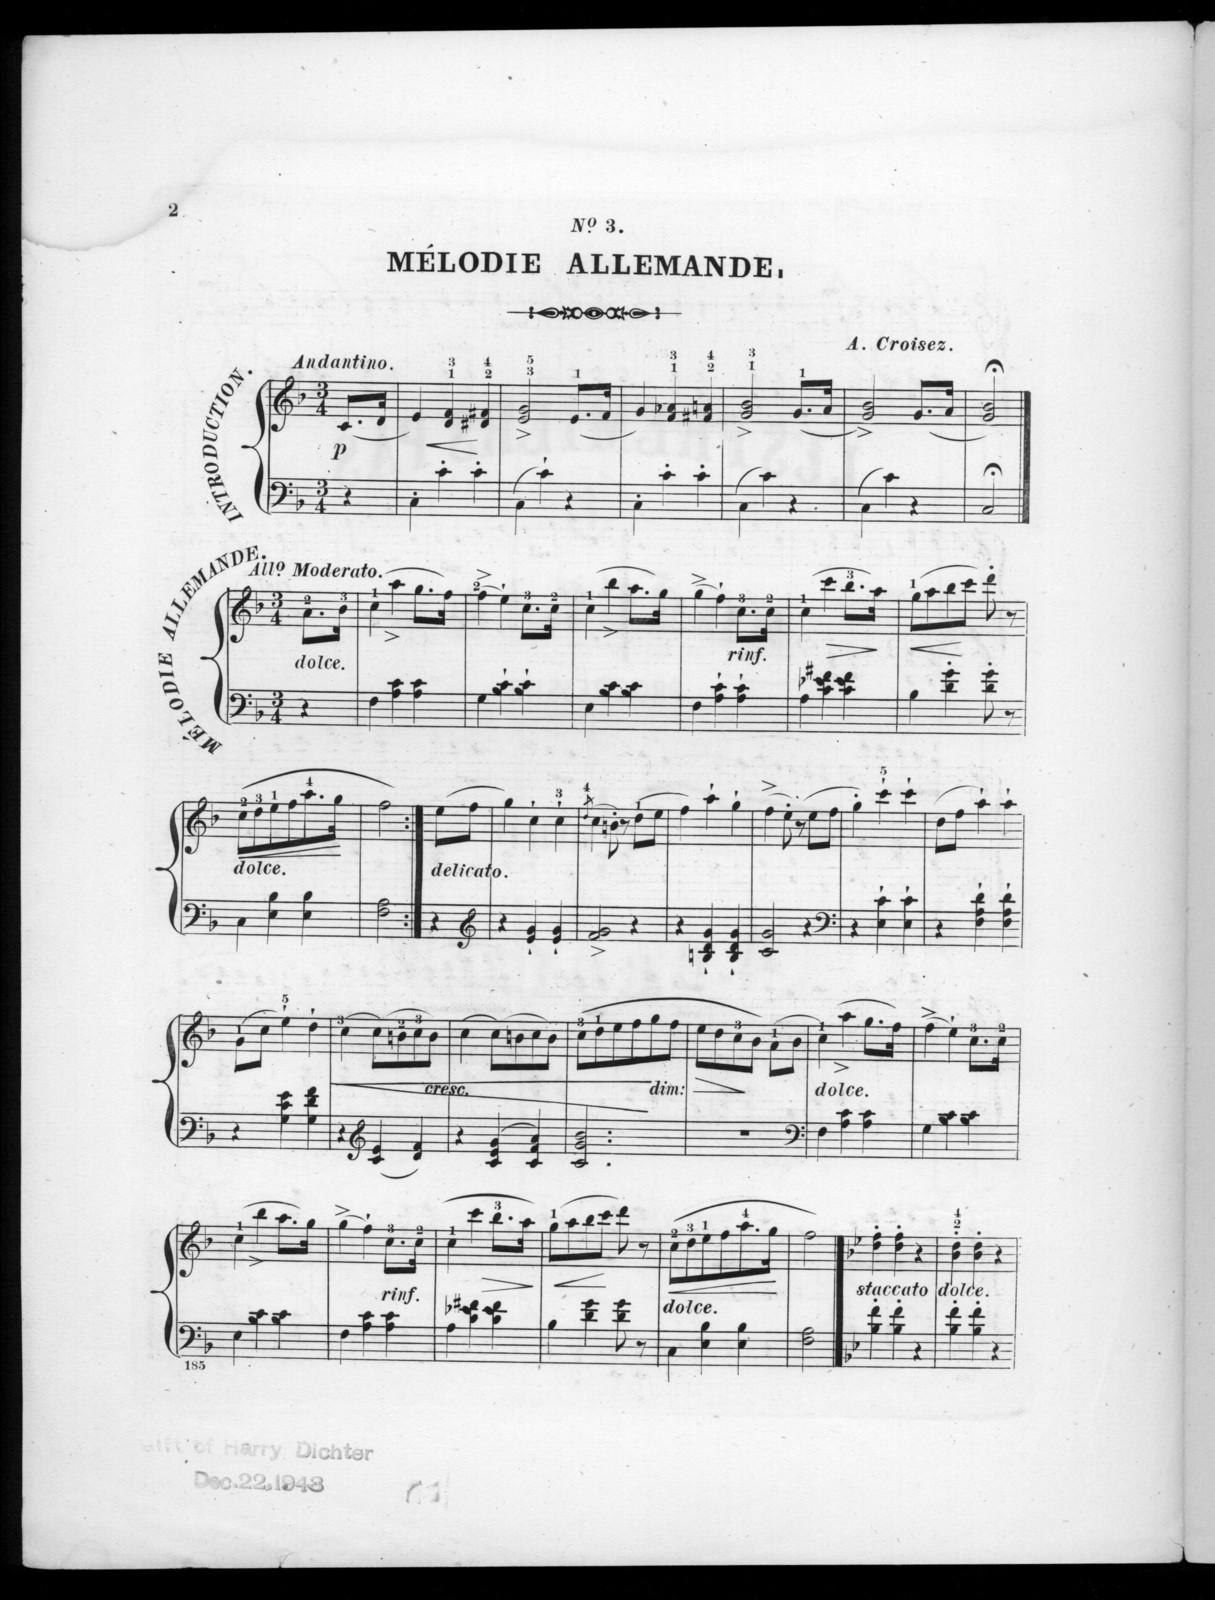 Mélodie allemande, op. 40, no. 3